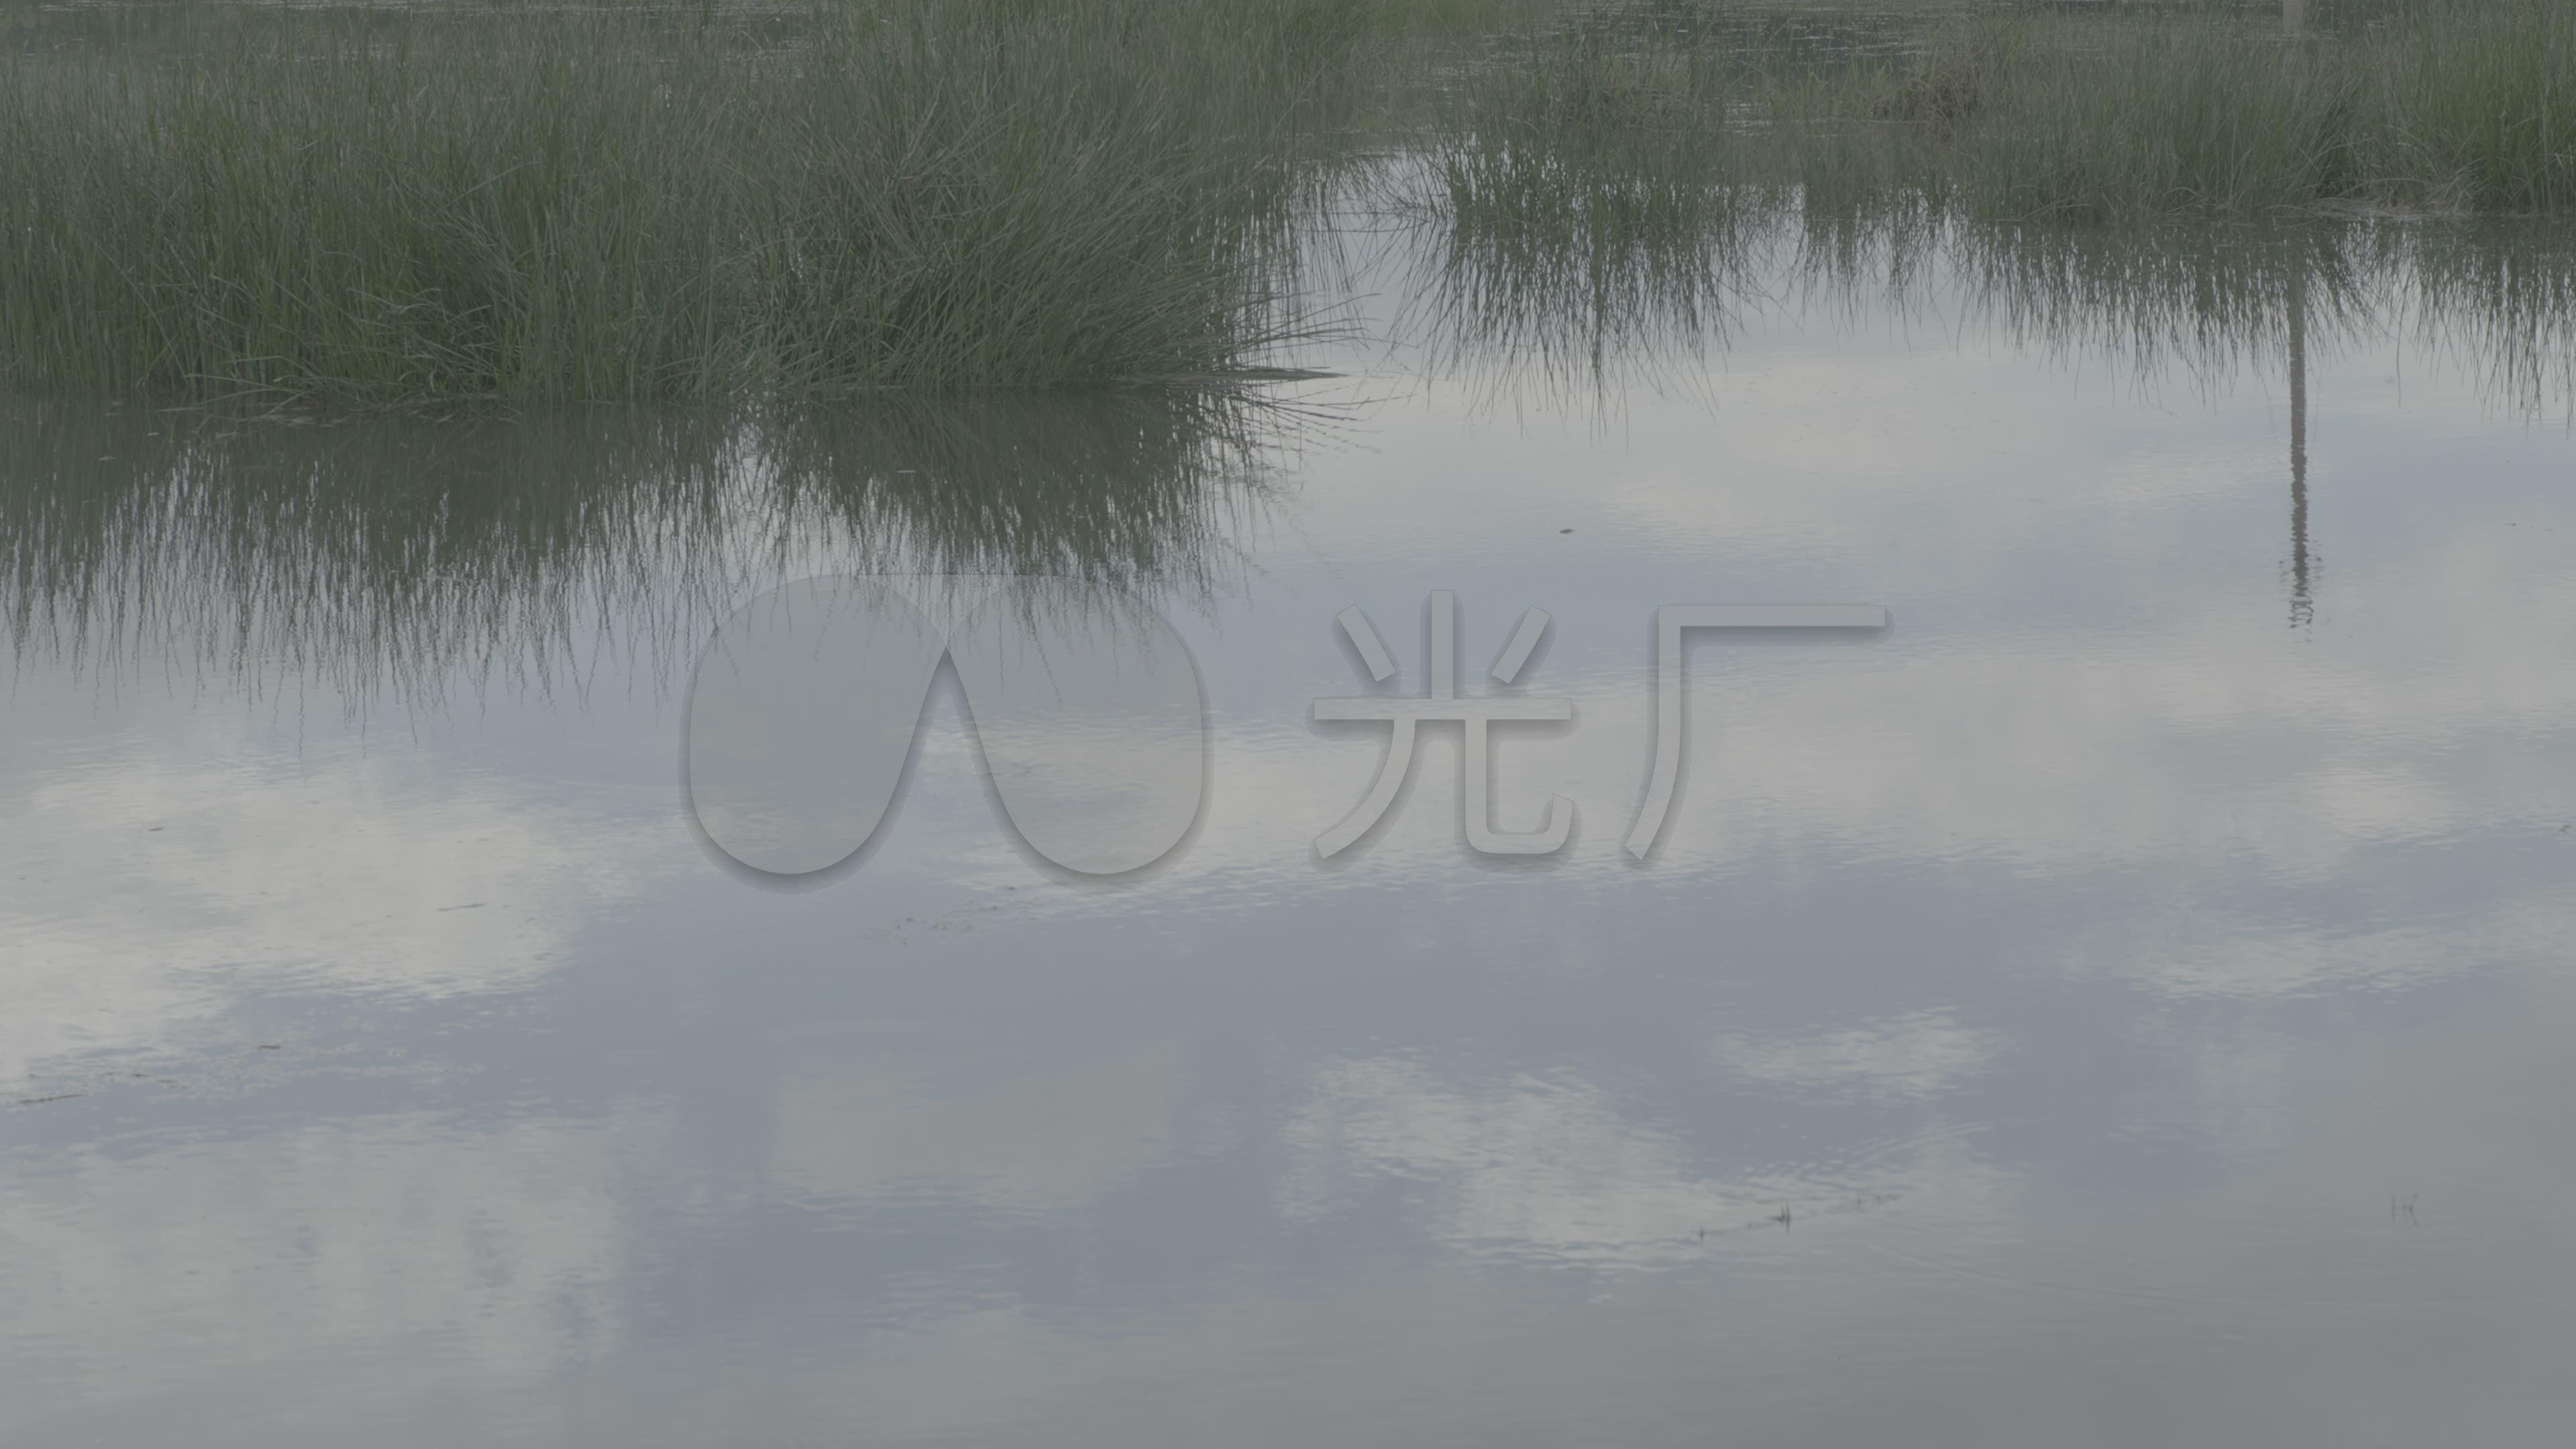 水塘养鱼池水草乡下水塘夏季视频_3840X216水塘河夫子图片